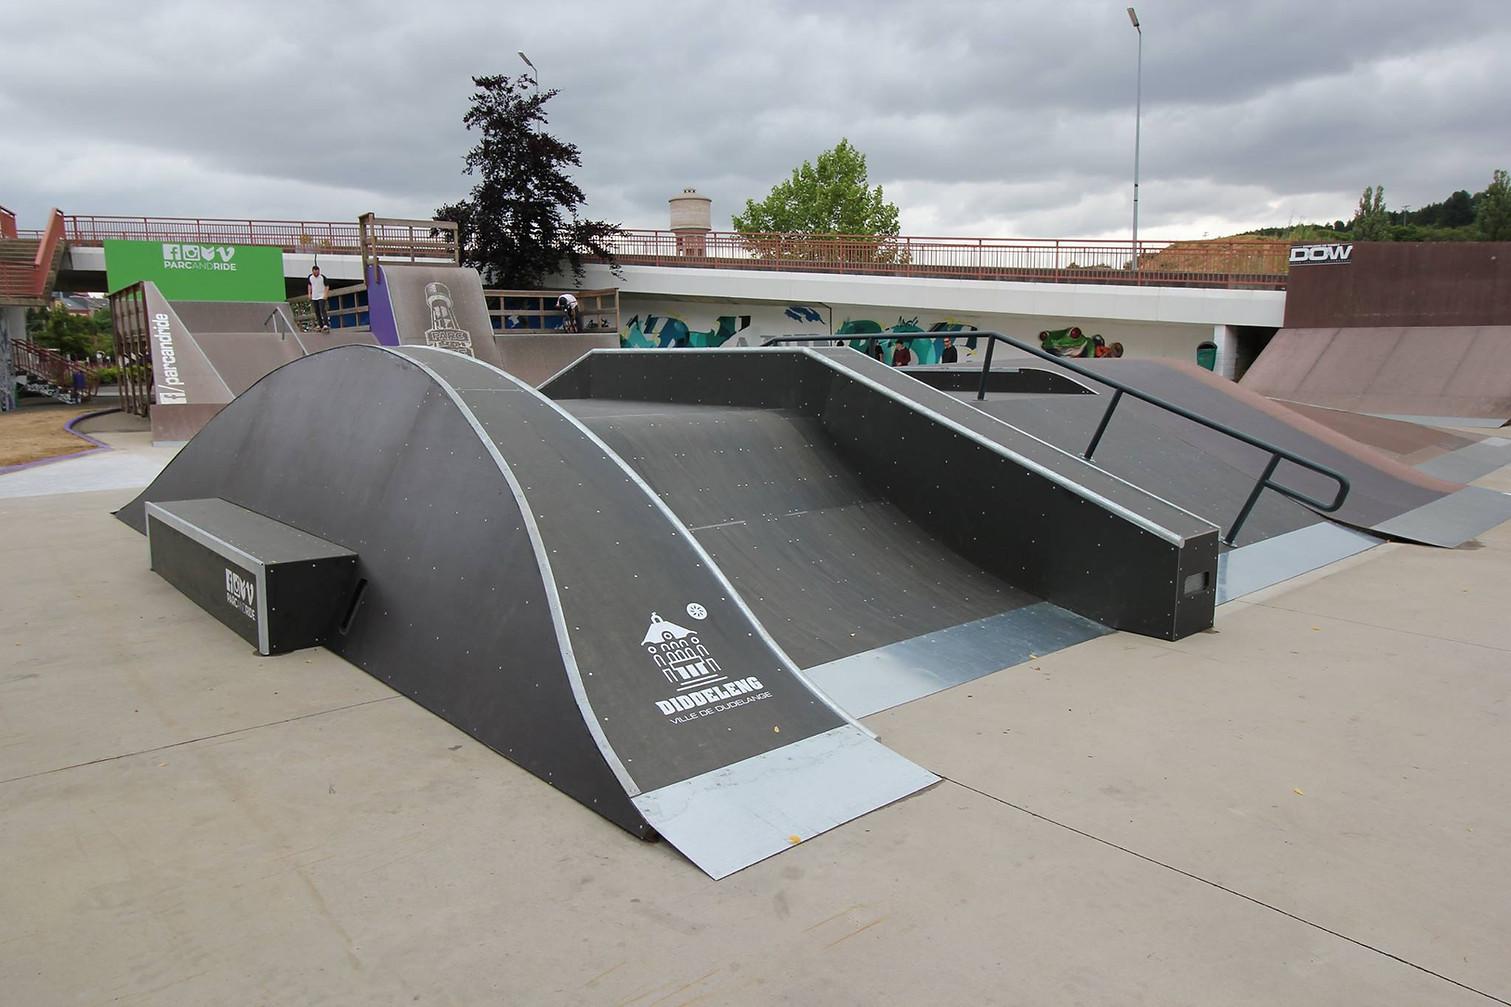 Skatepark 2015